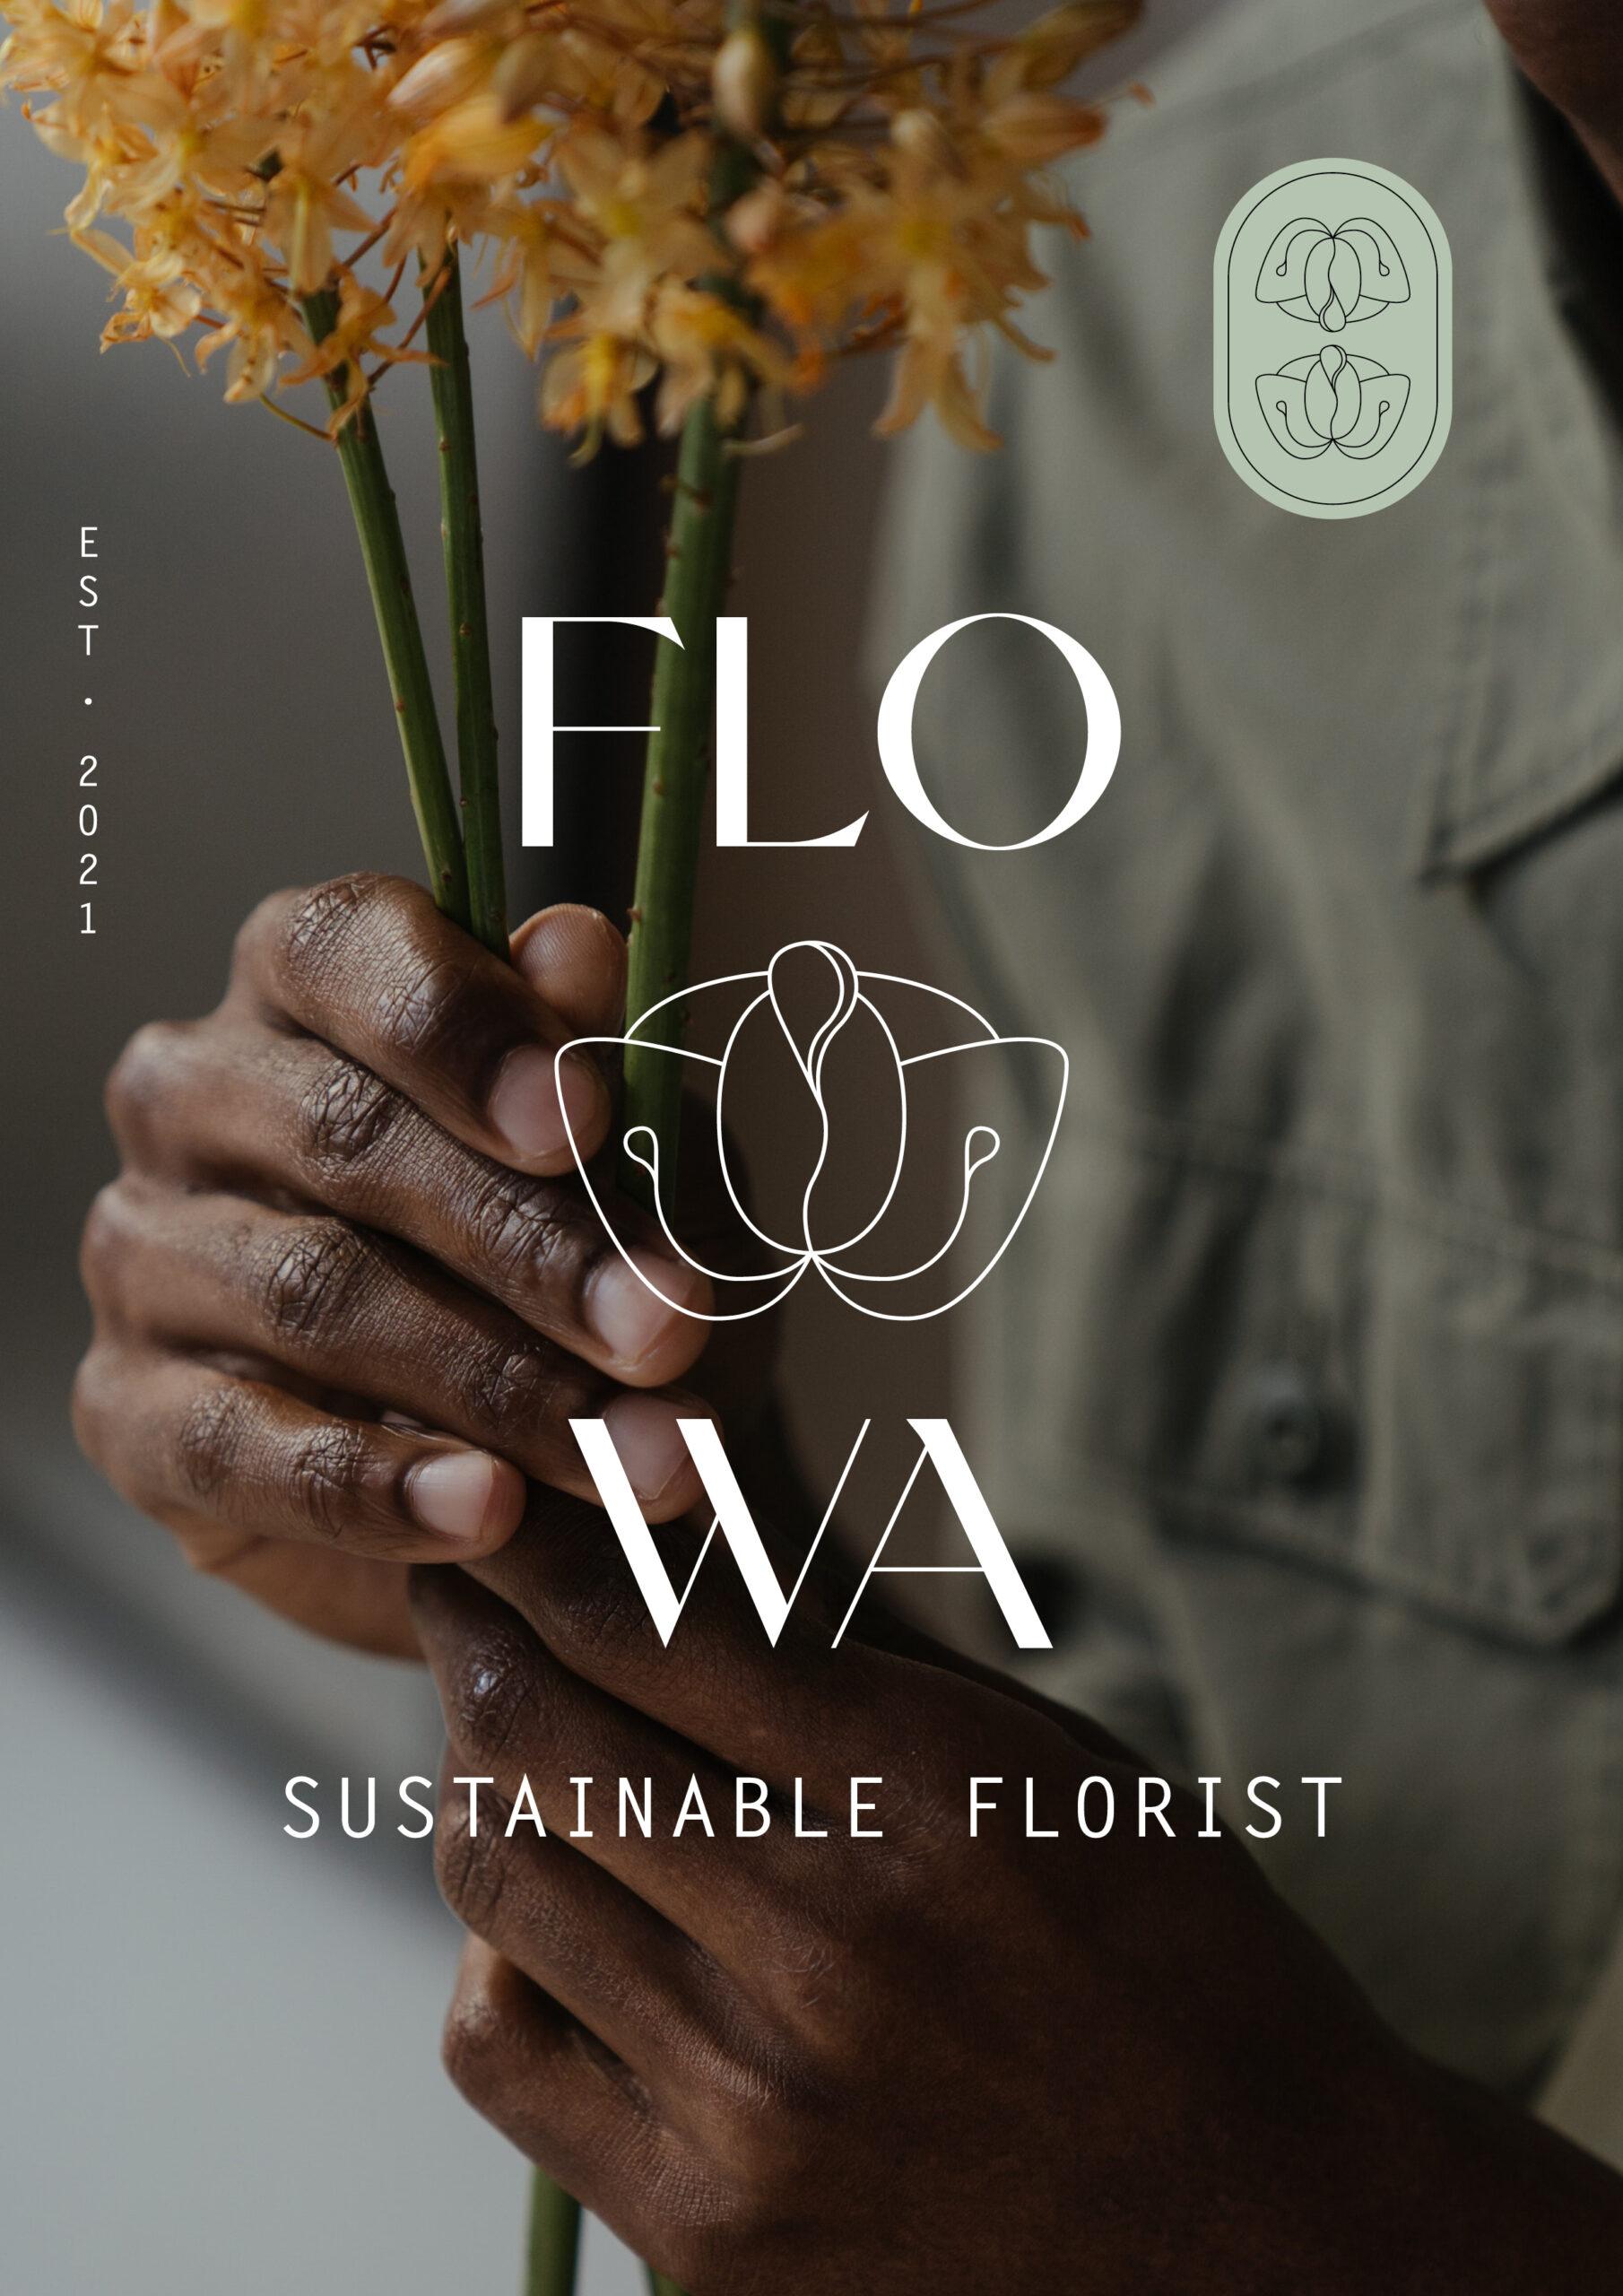 Flowa_Florist_Brand-Kit_Ready-Made_by_Mindt_11